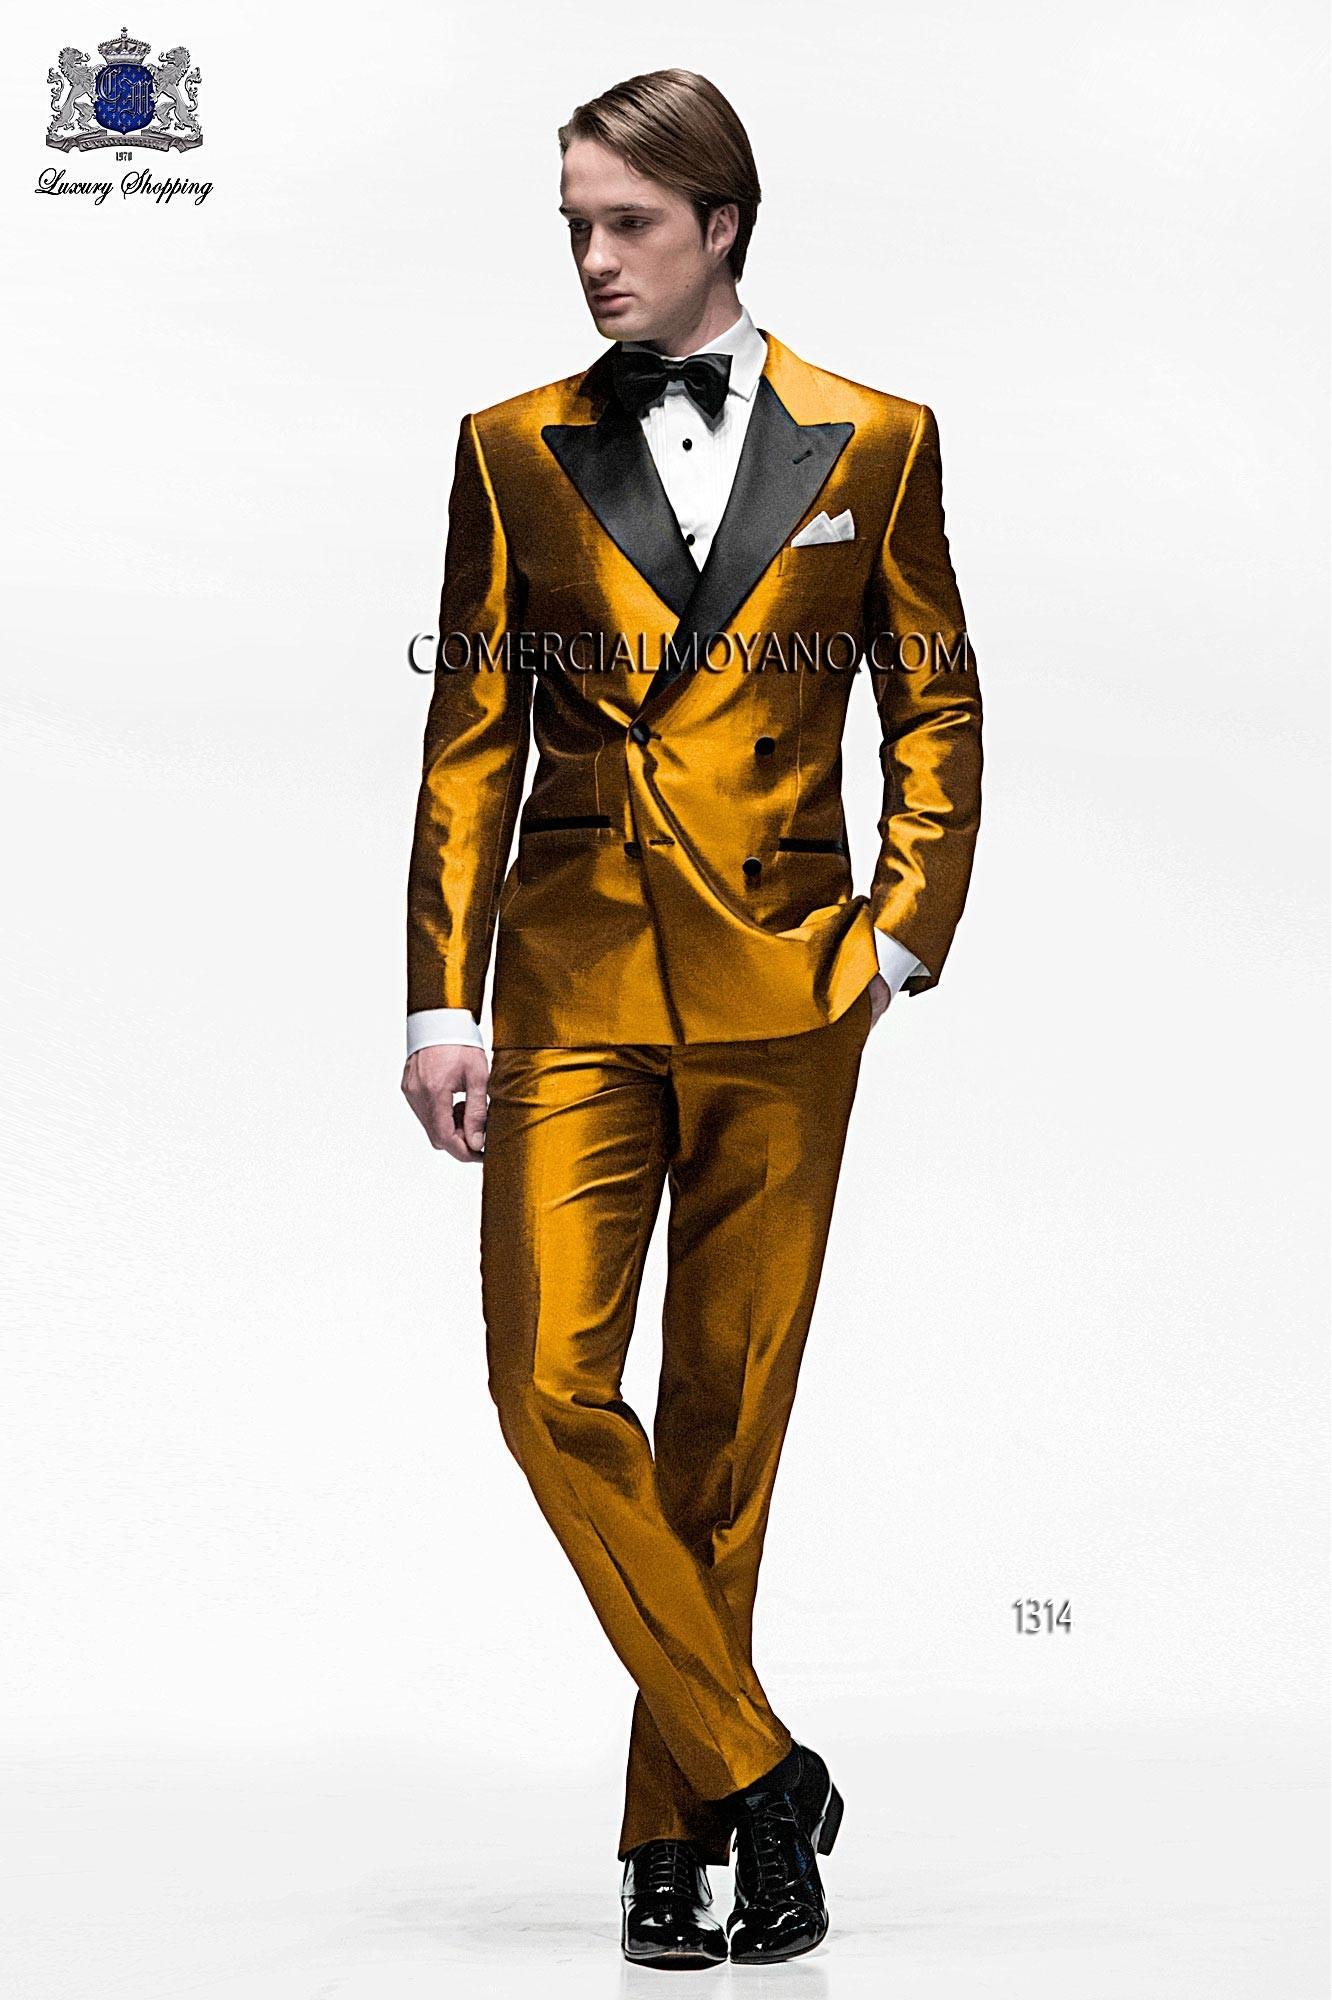 Traje de novio italiano a medida, esmoquin dorado cruzado en tejido shantung mixto seda dorado con solapa pico raso negro, modelo 1314 Ottavio Nuccio Gala colección Black Tie 2015.